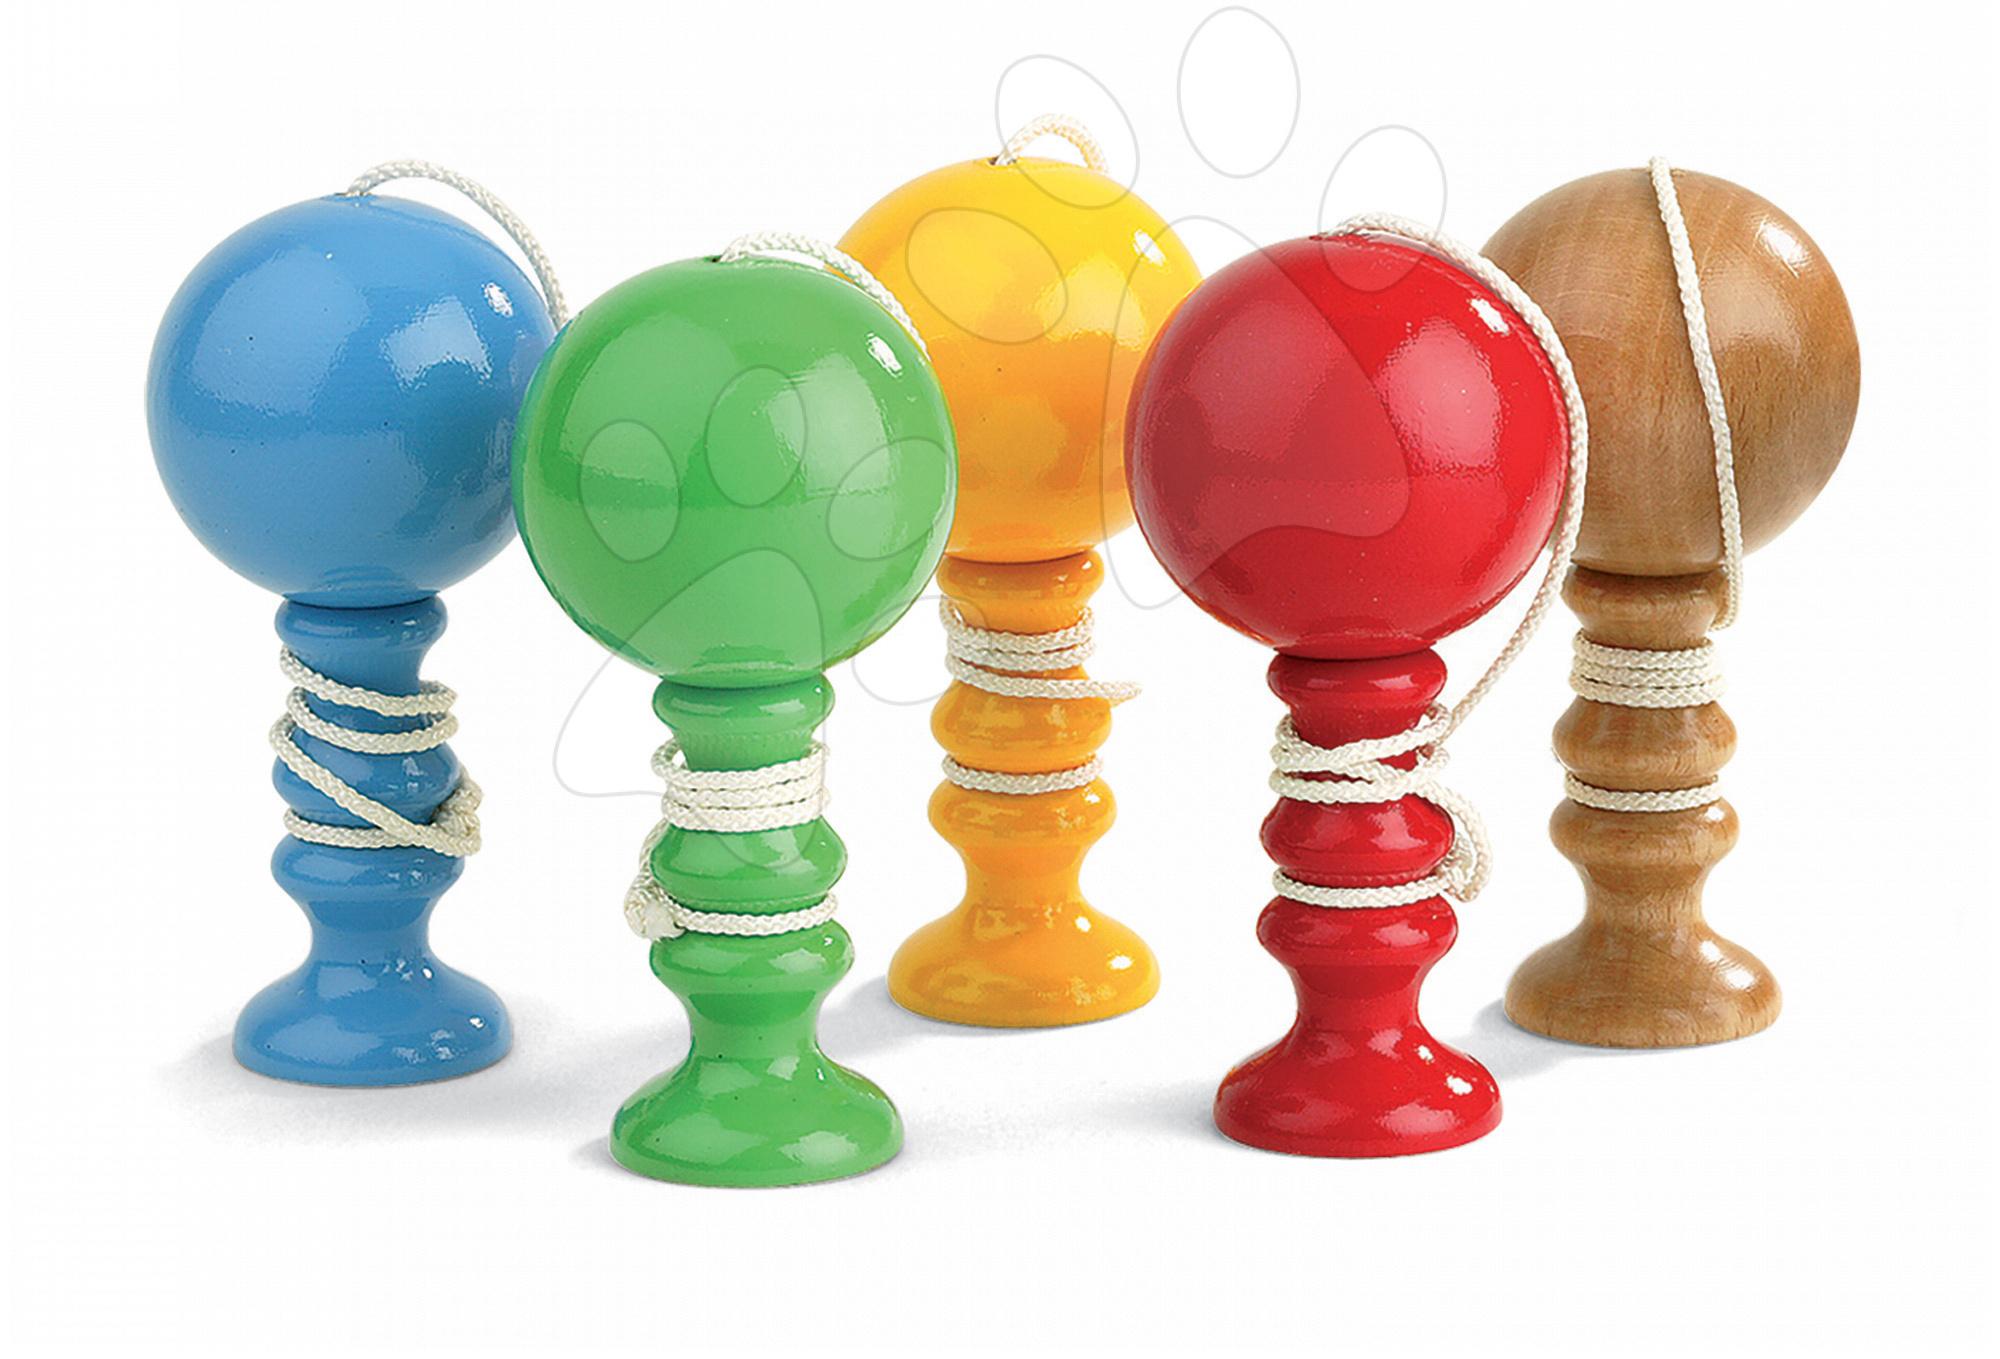 Drevené hry - Drevená tradičná hračka Cadet Roussel Cup&Ball Janod od 7 rokov